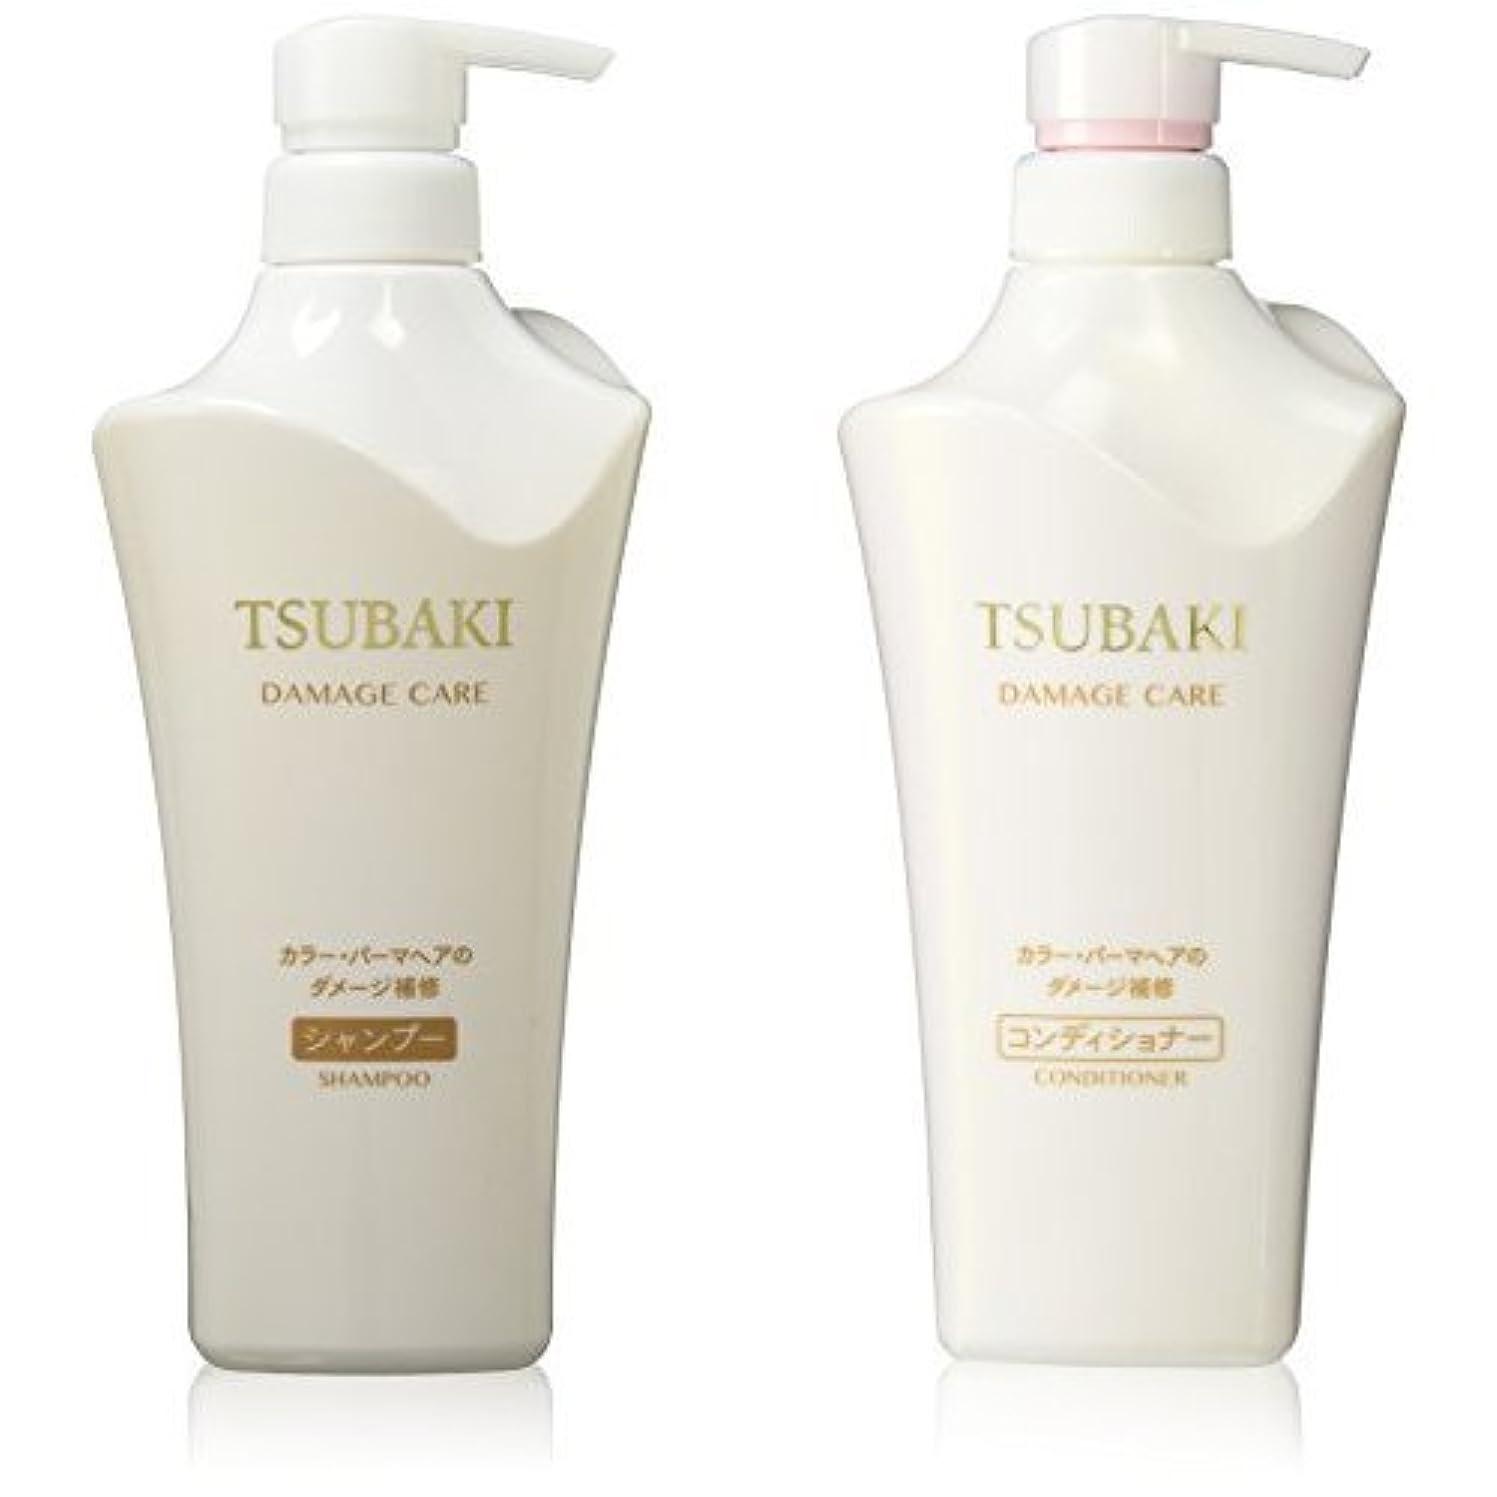 物足りないしかしながら持つ【セット買い】 TSUBAKI ダメージケア (カラーダメージ髪用) シャンプー本体 & コンディショナー本体